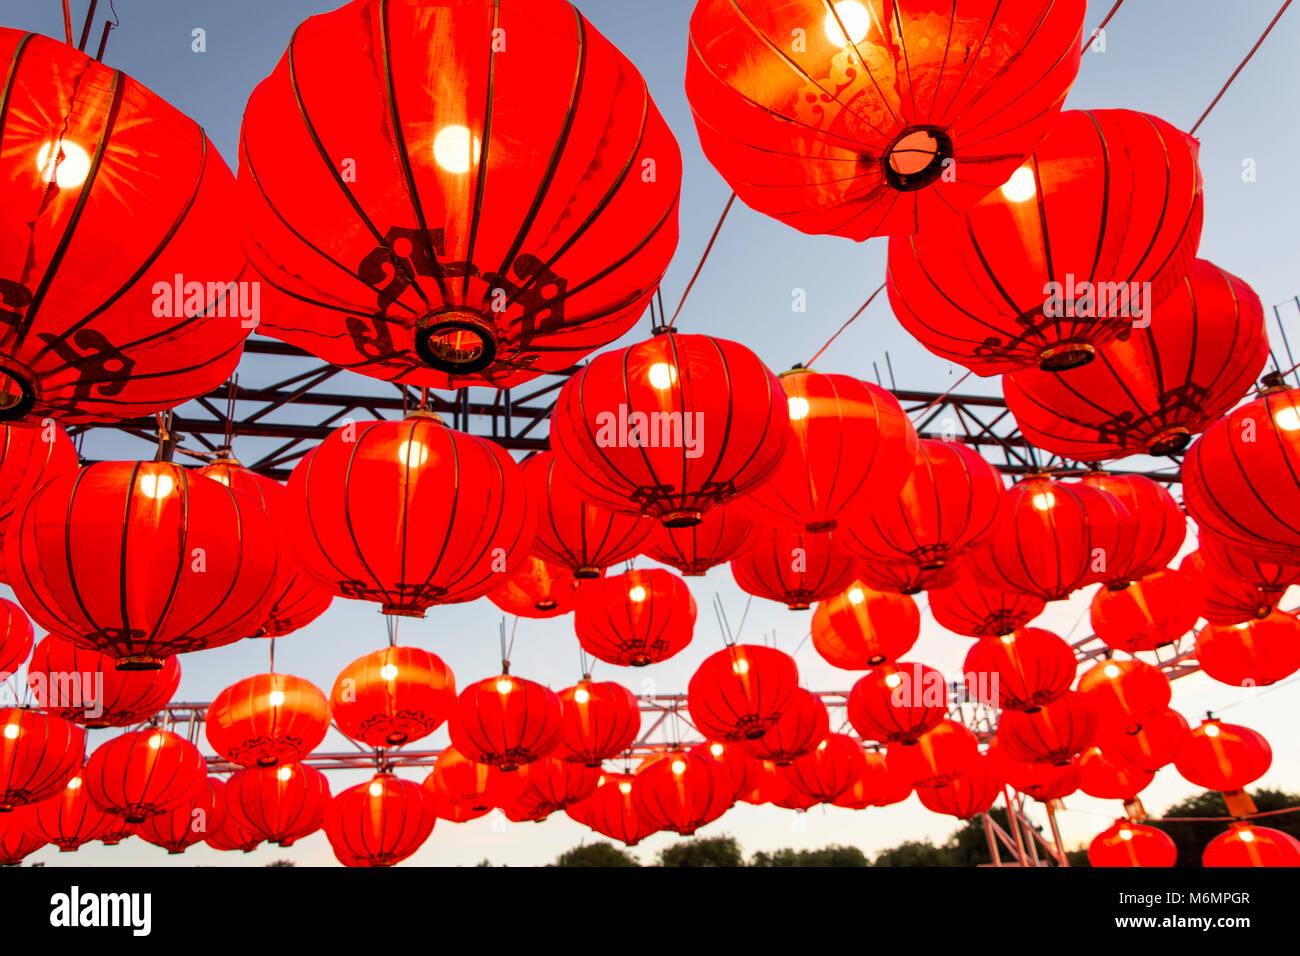 Lanternes chinoises à 'Noodle marchés de nuit' event en Amérique du Hagley Park, Christchurch, Photo Stock